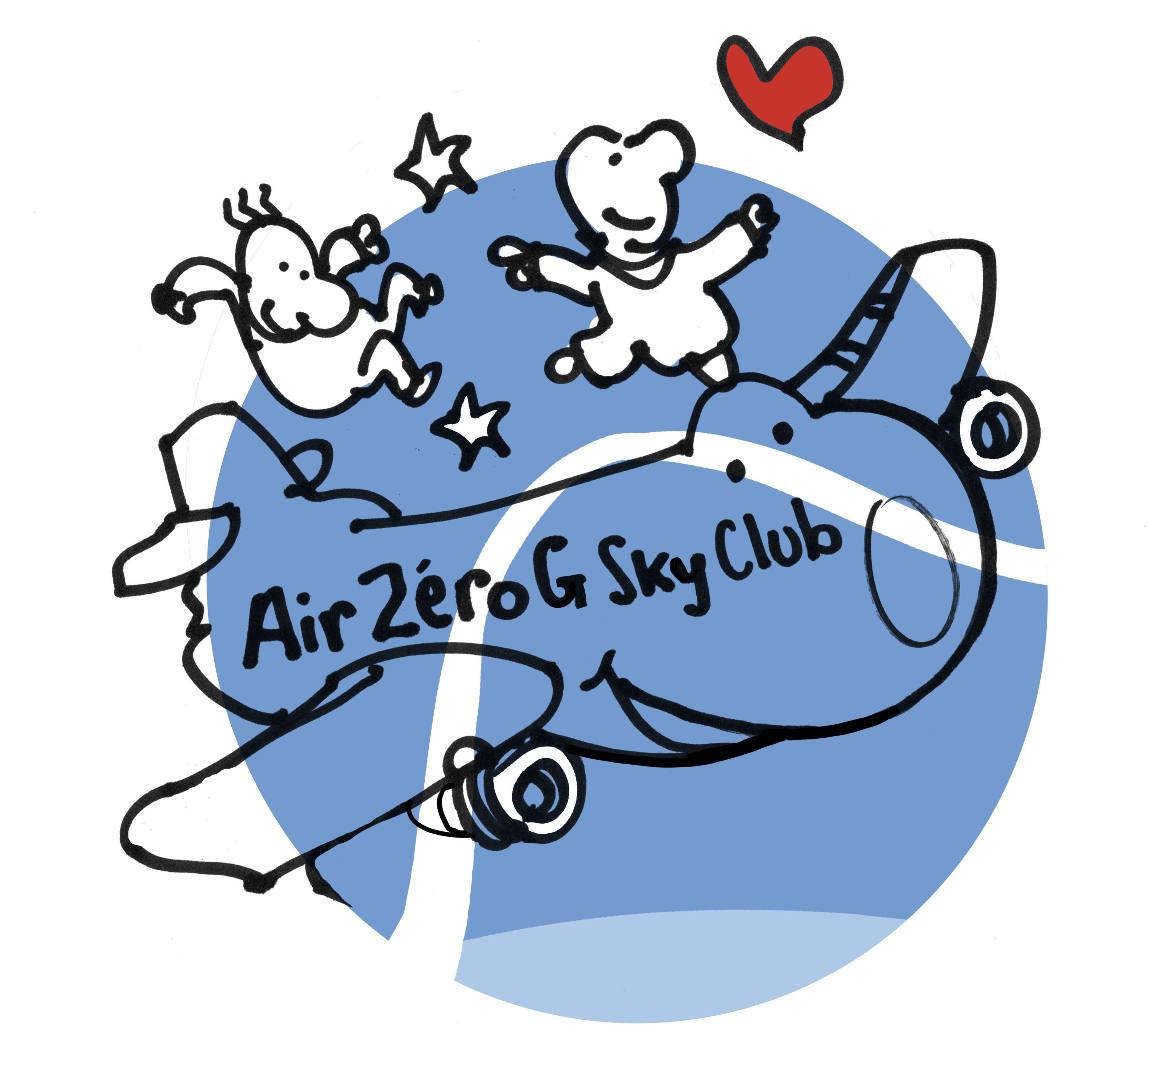 Création du Air Zero G Sky Club